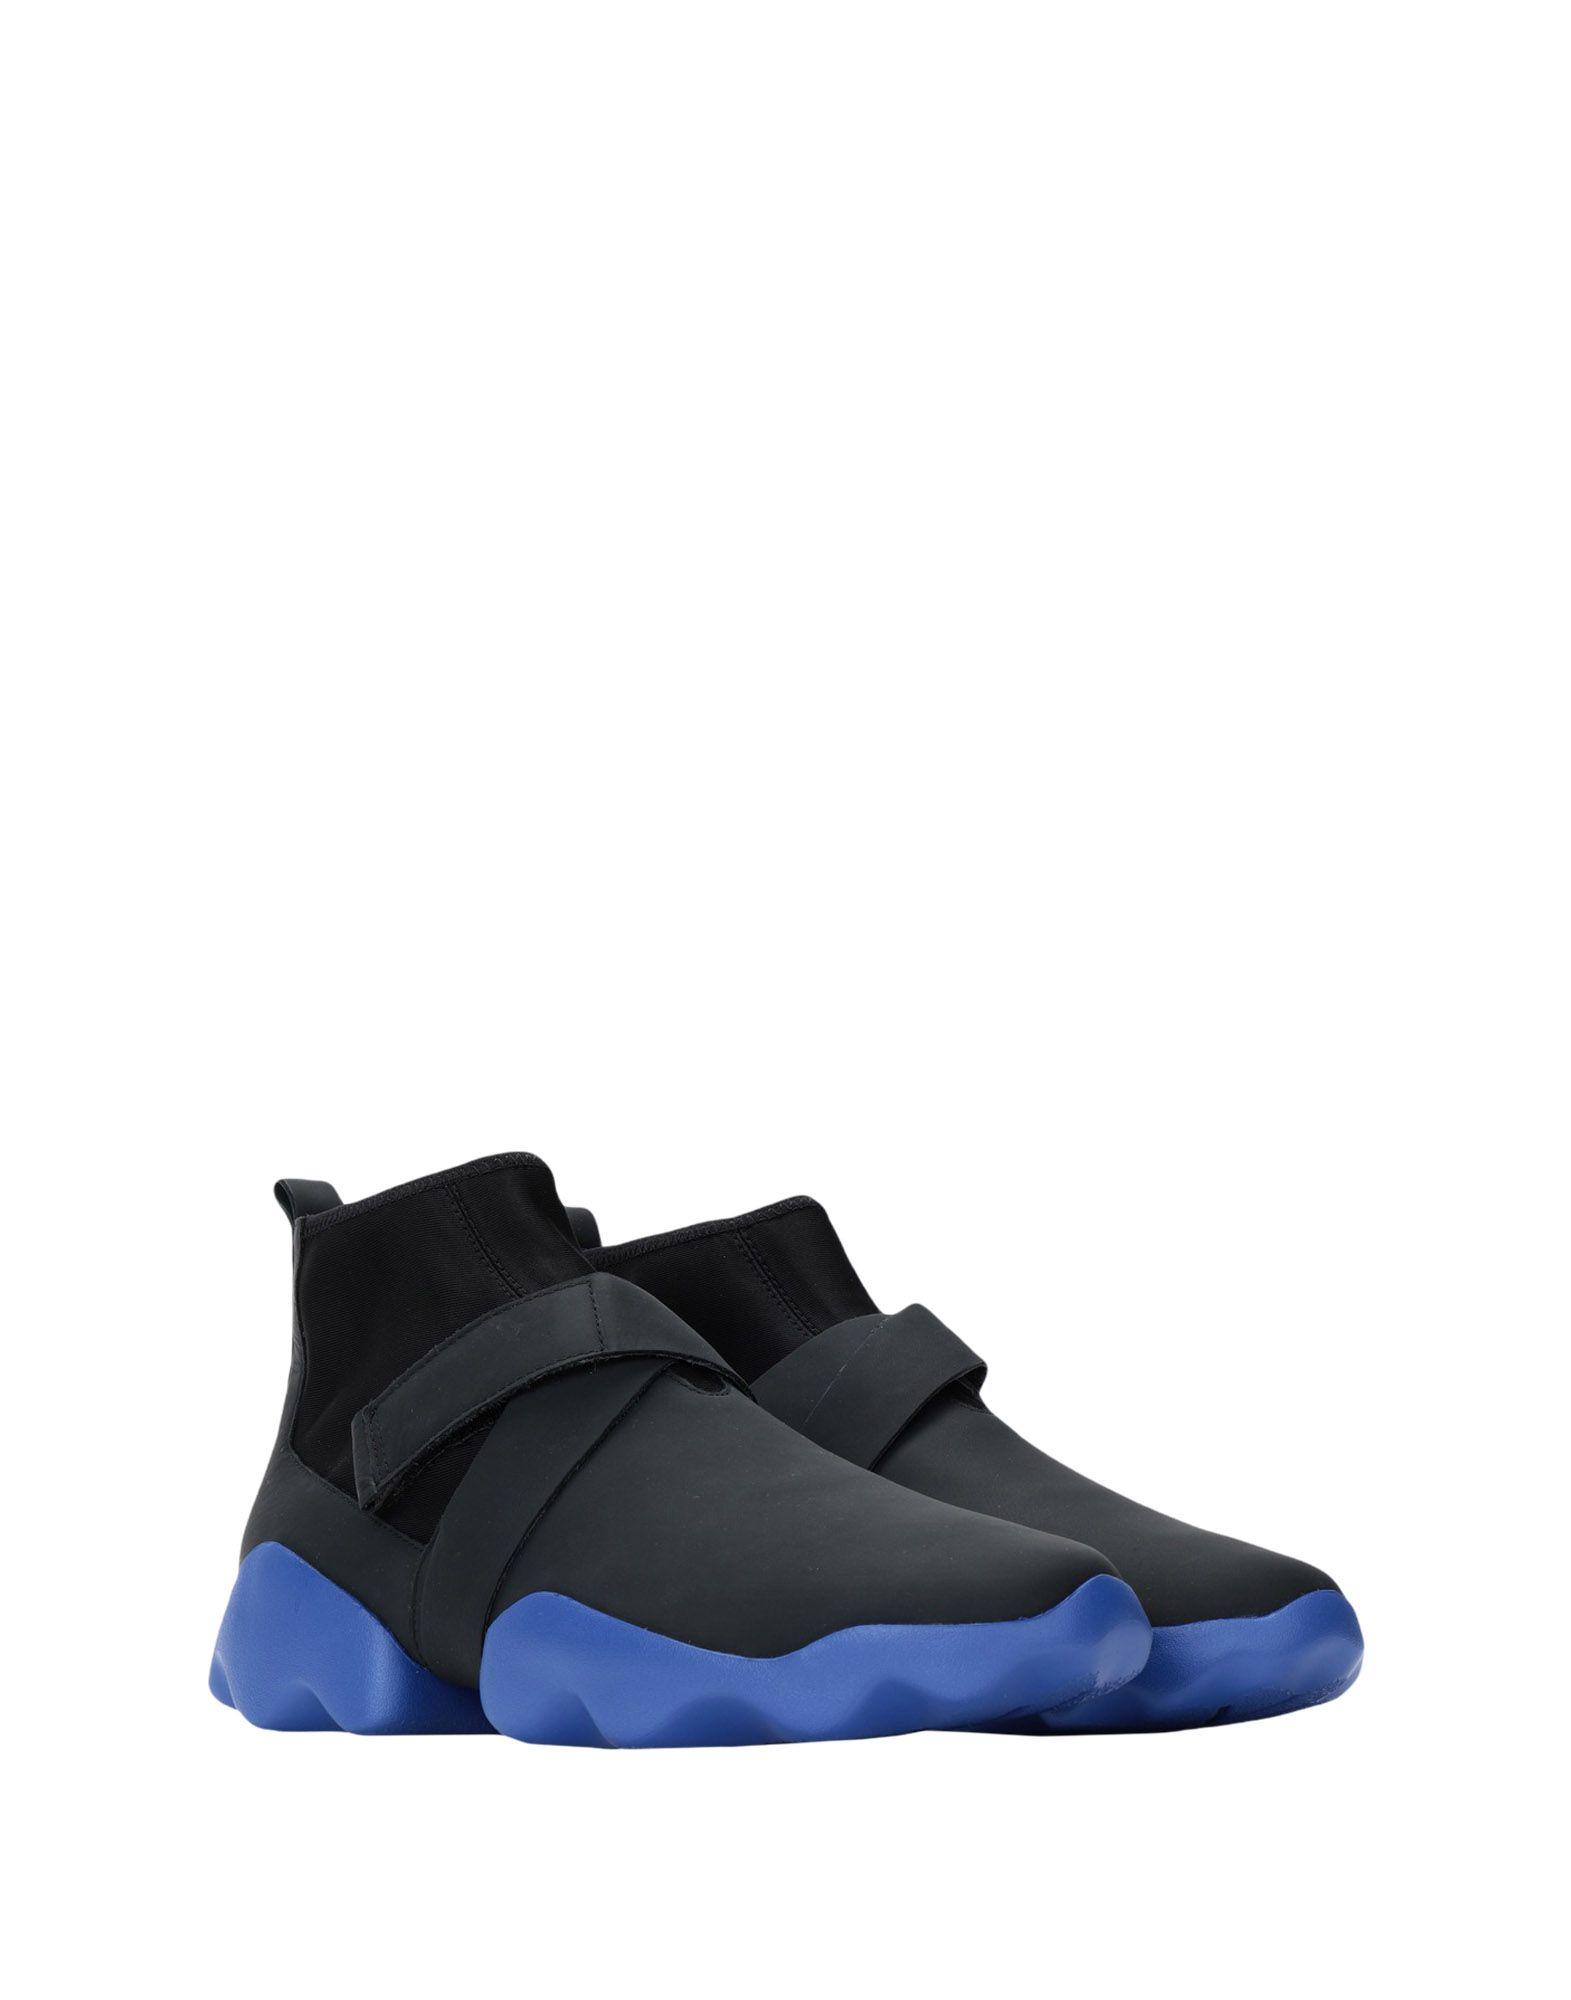 Camper Sneakers Sneakers Sneakers - Men Camper Sneakers online on  Australia - 11555981OO 3f7223